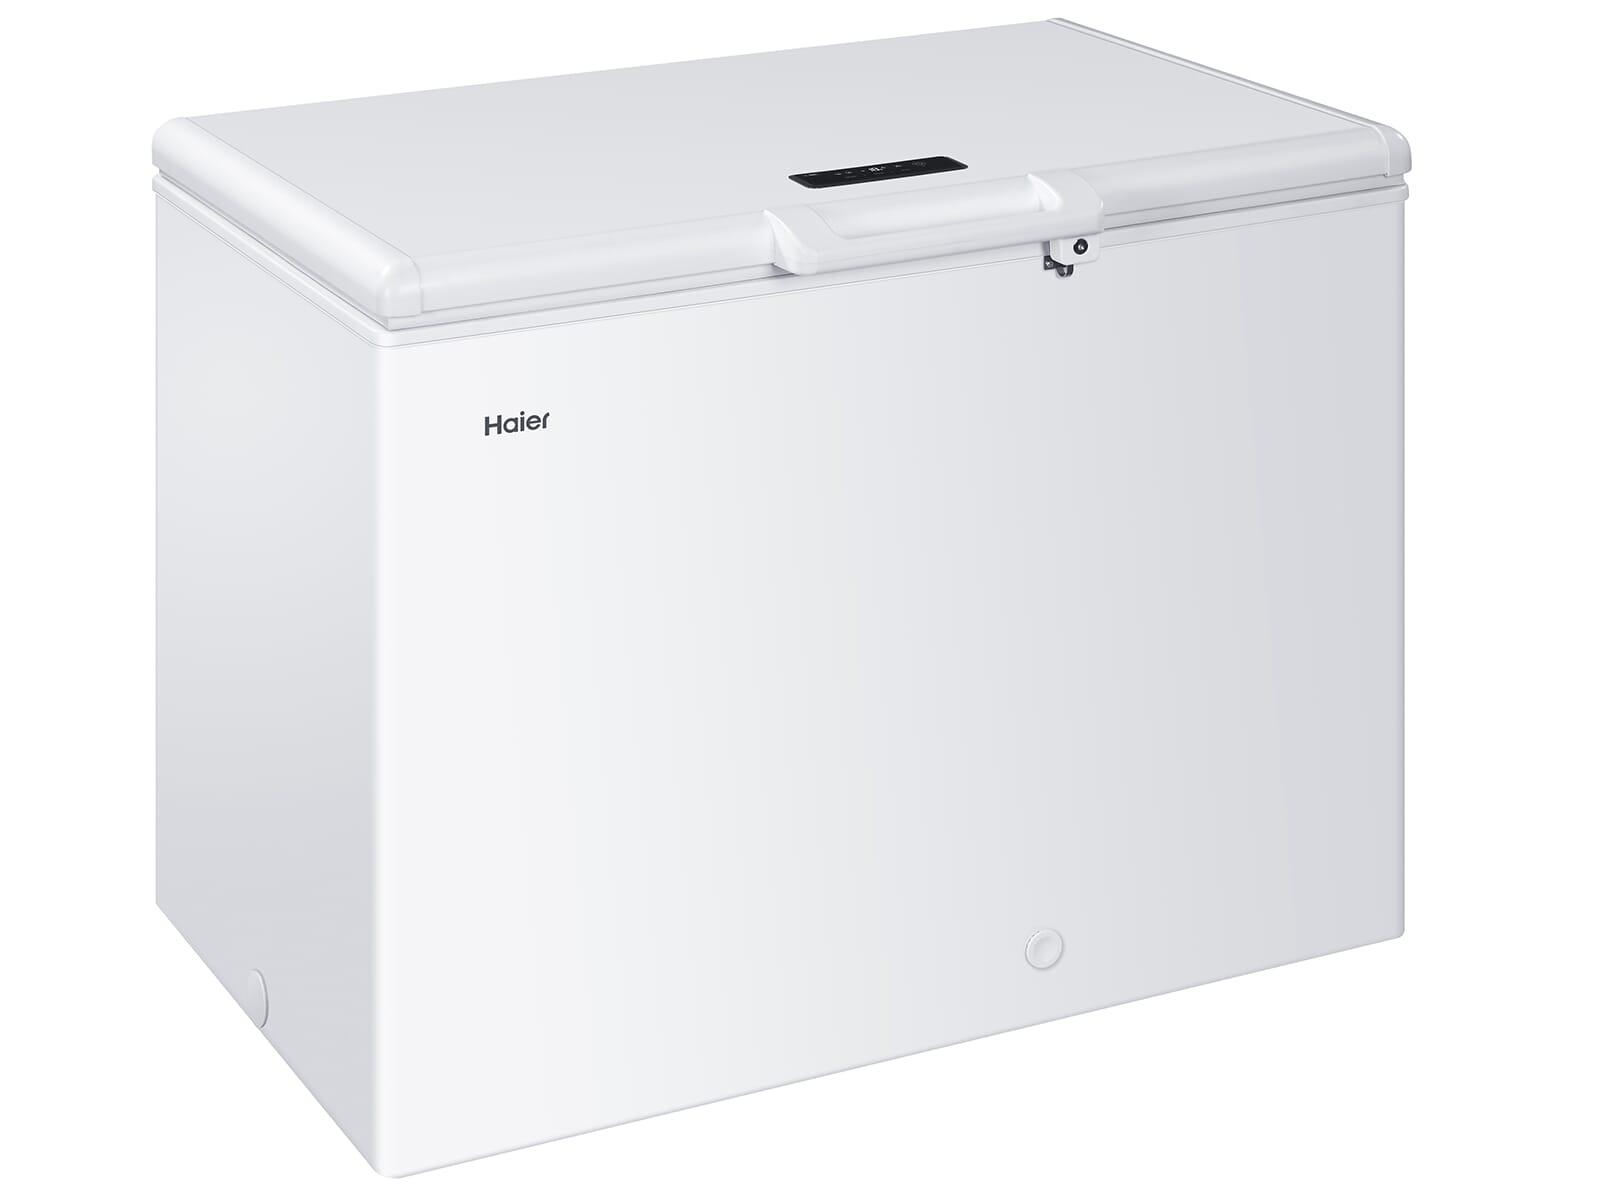 Haier HCE221T Gefriertruhe Weiß